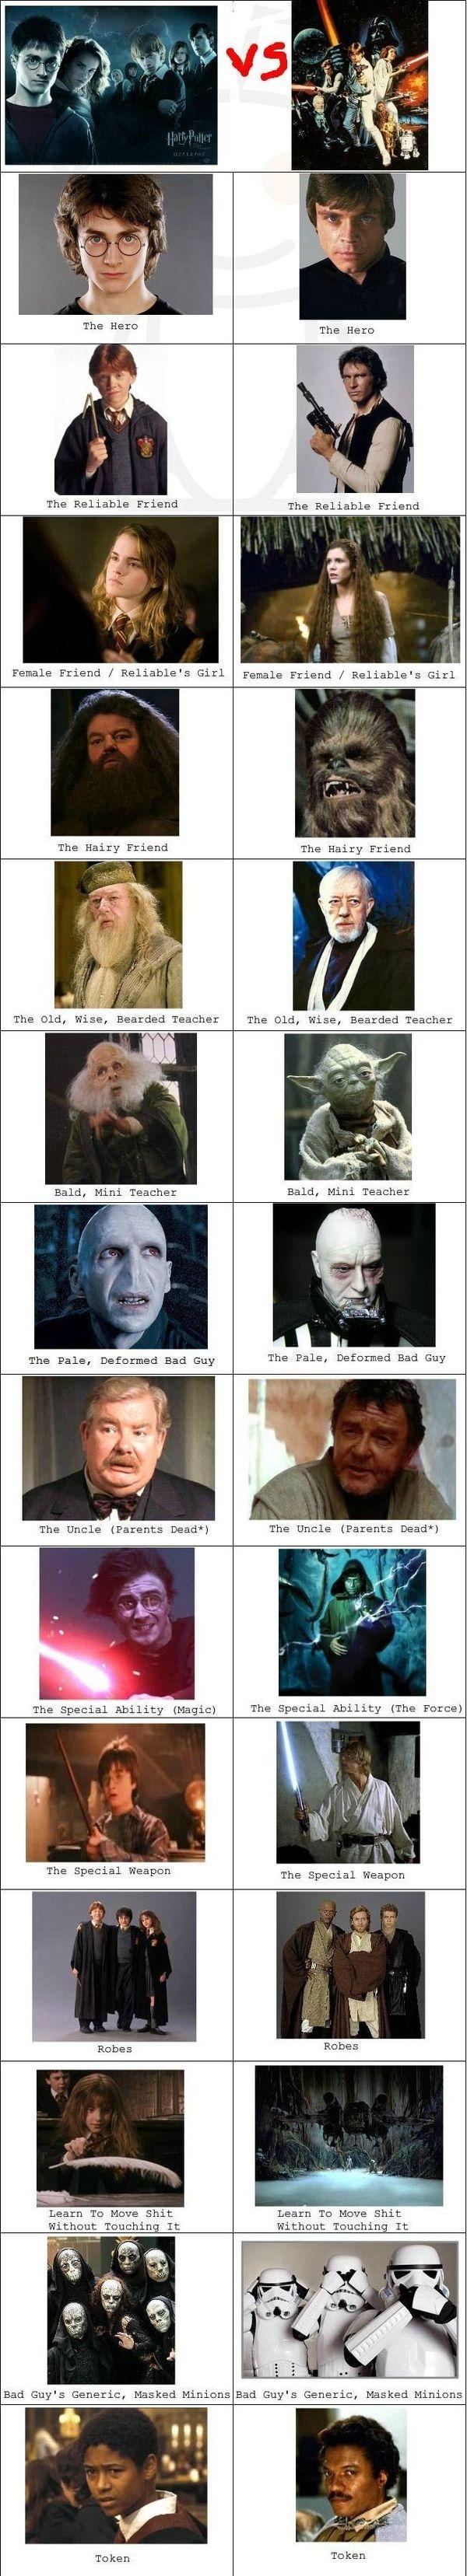 110709 Harry Potter versus Star Wars